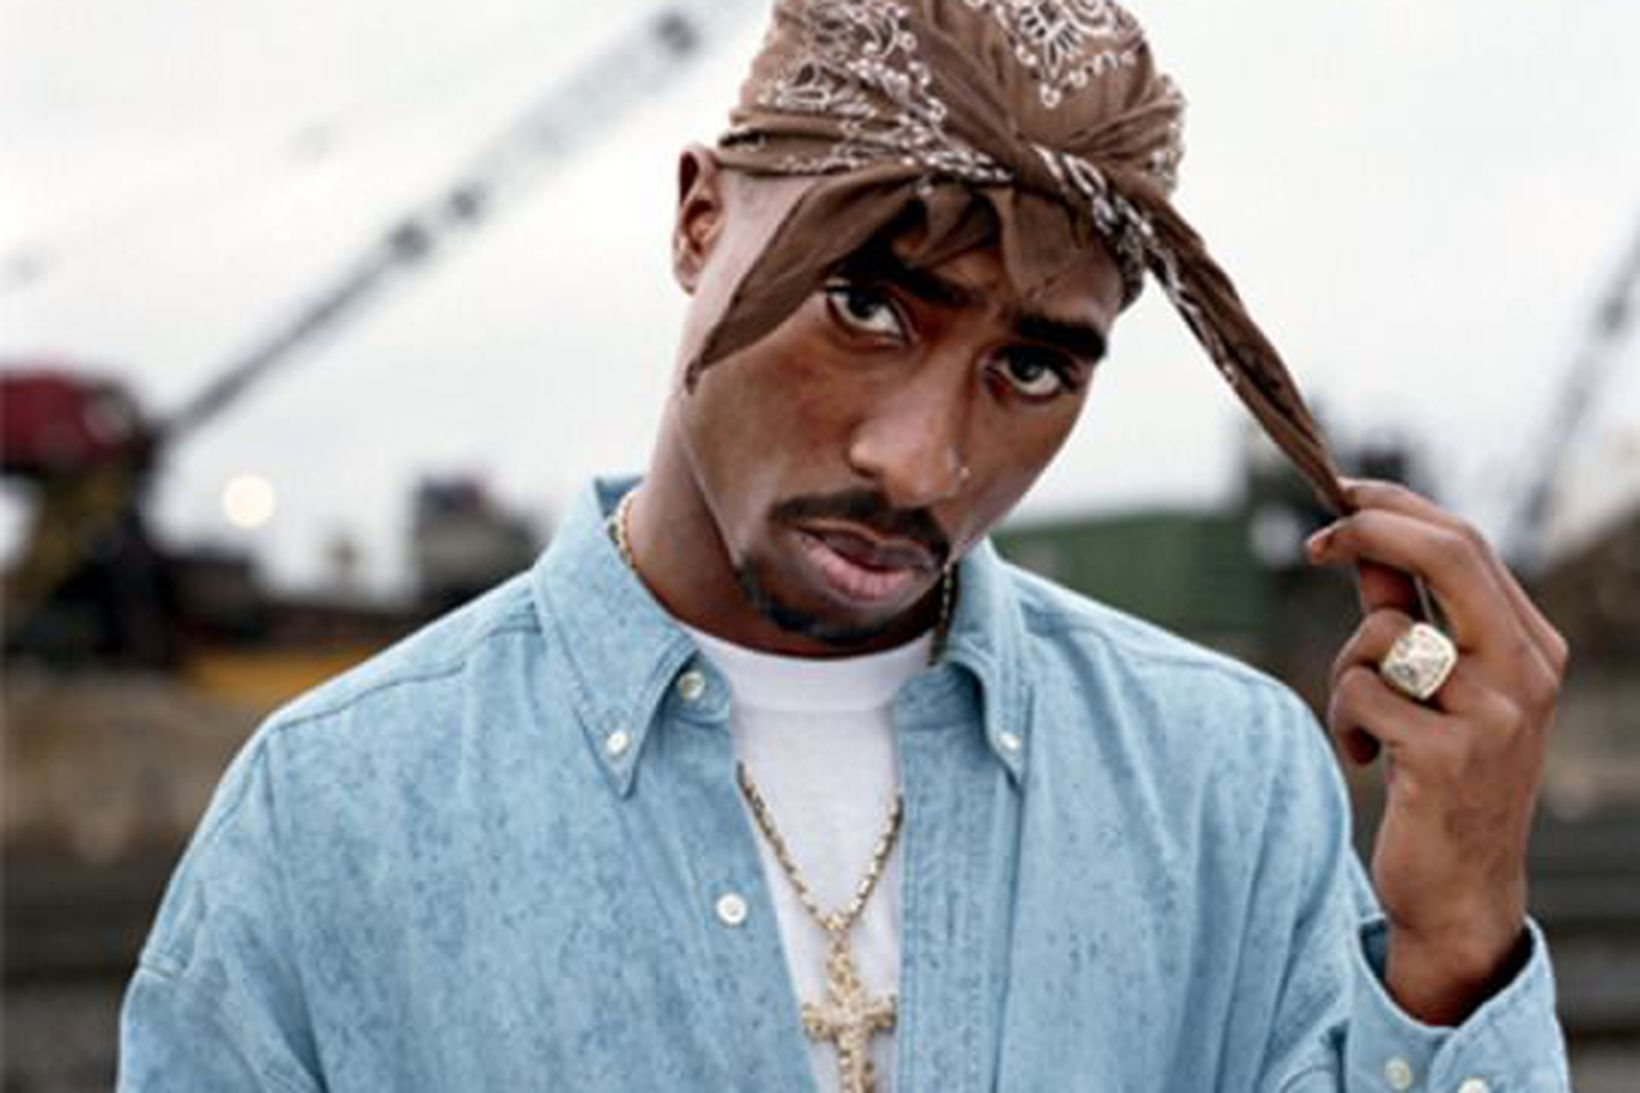 Tupac Shakur sat í fangelsi í 9 mánuði árið 1995.